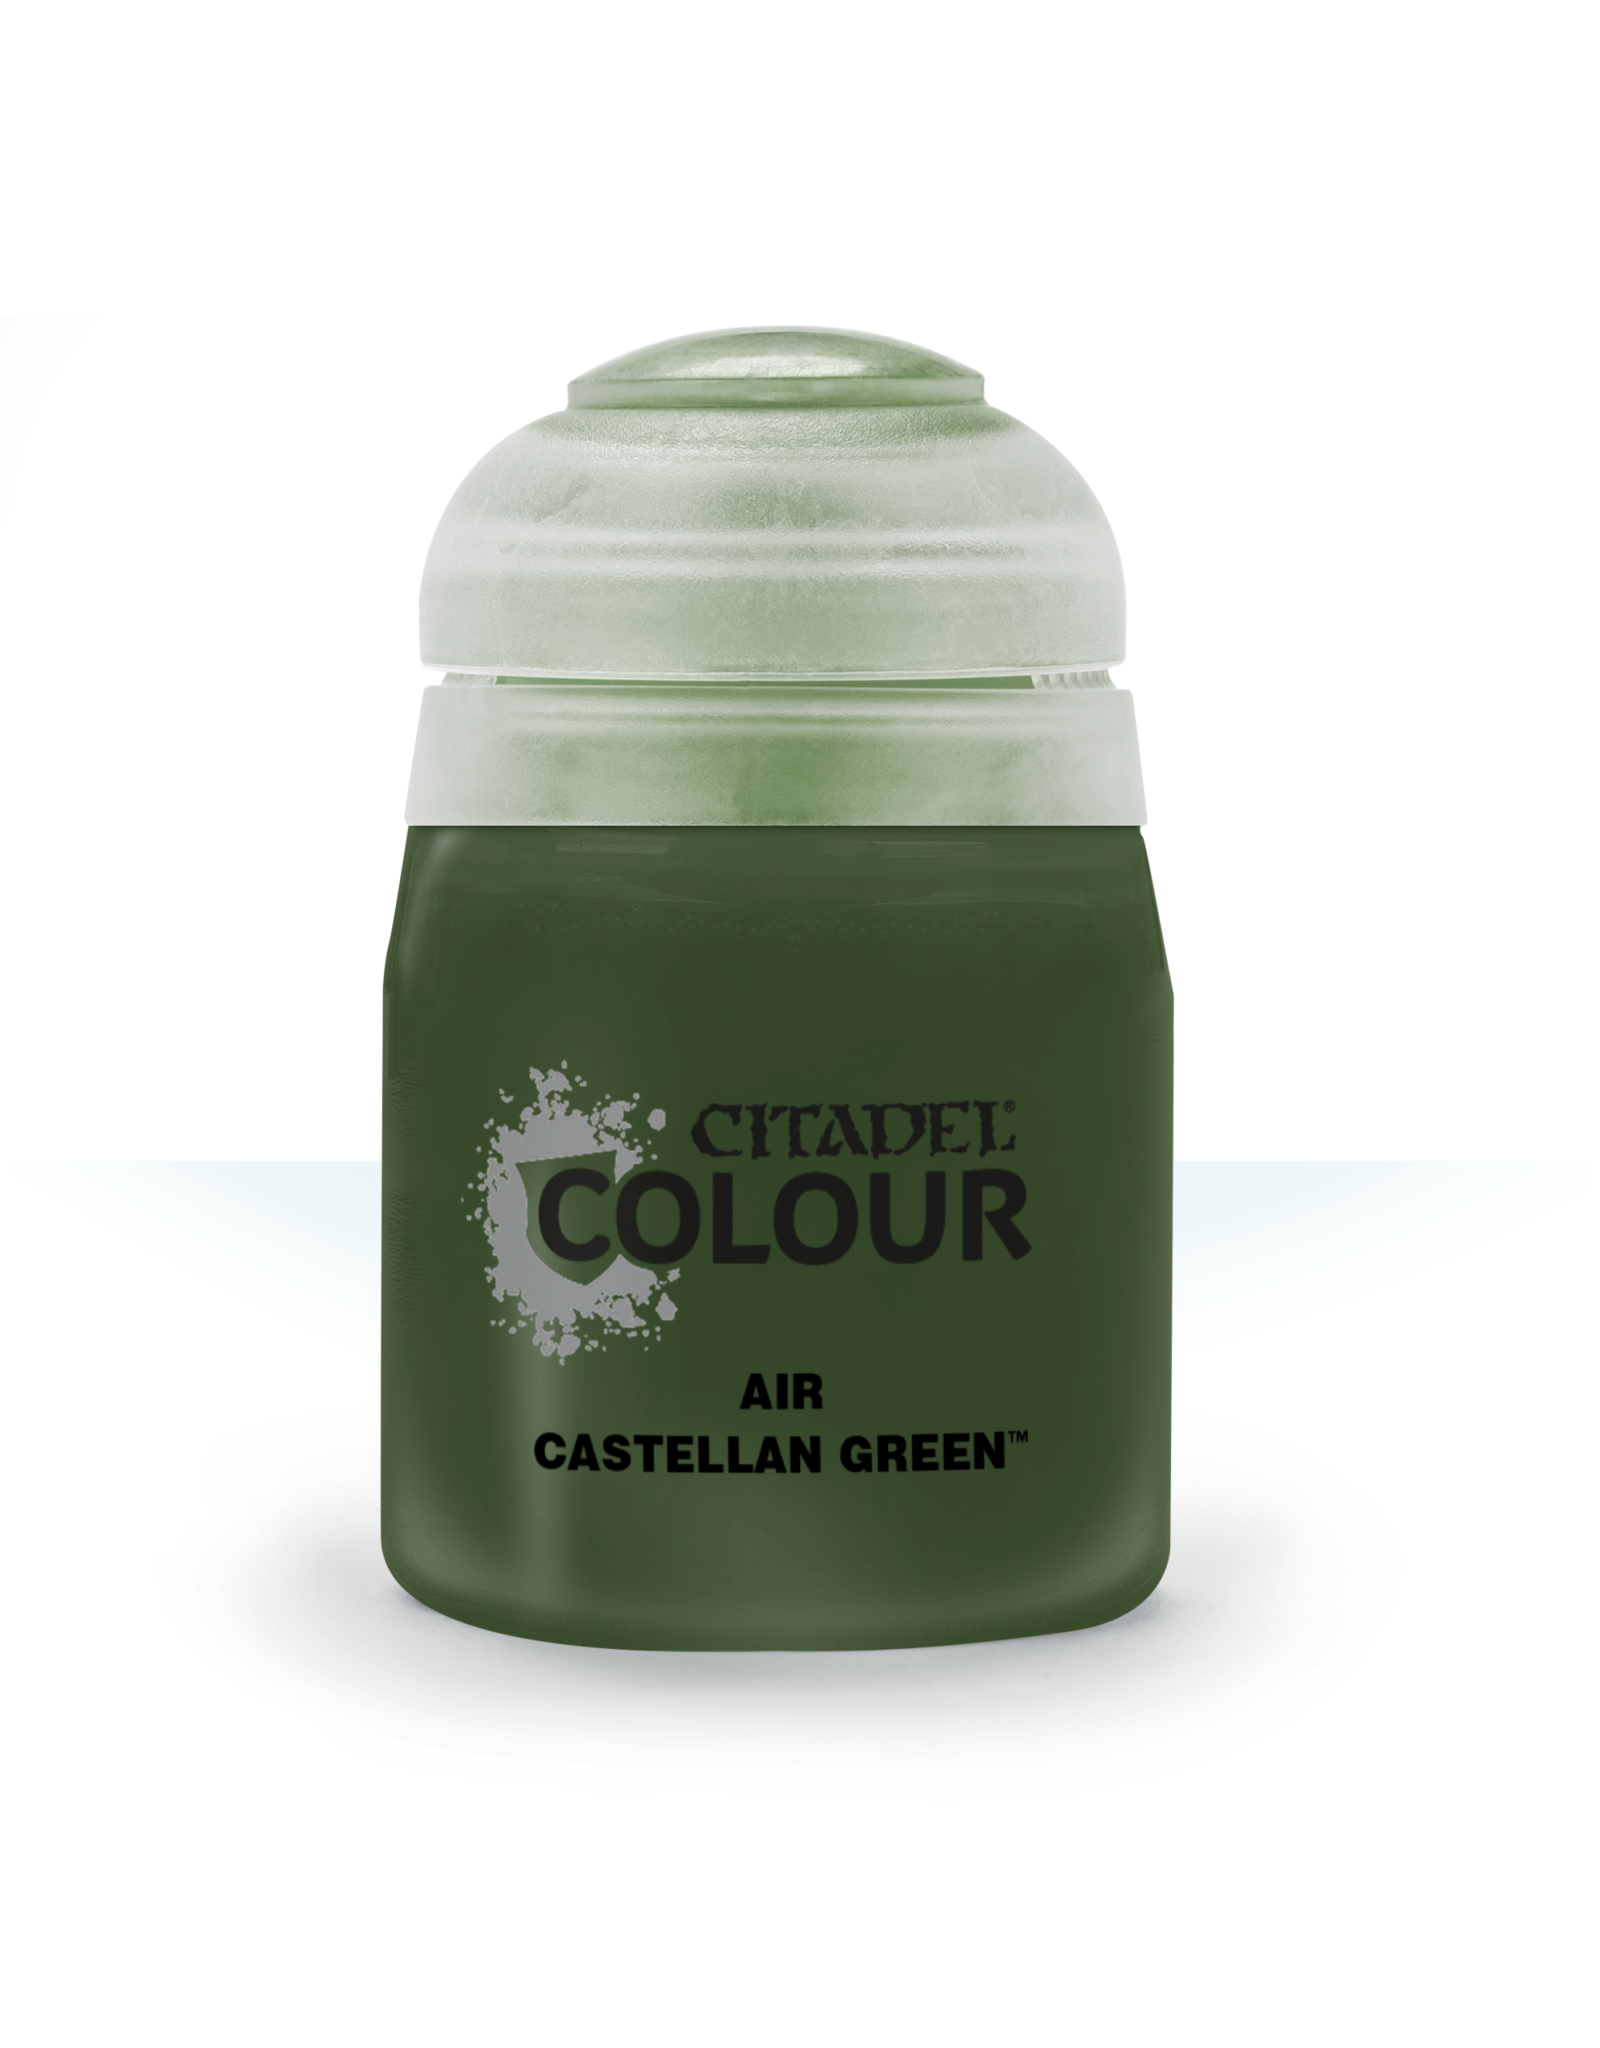 Citadel Citadel Paints Air Paint Castellan Green